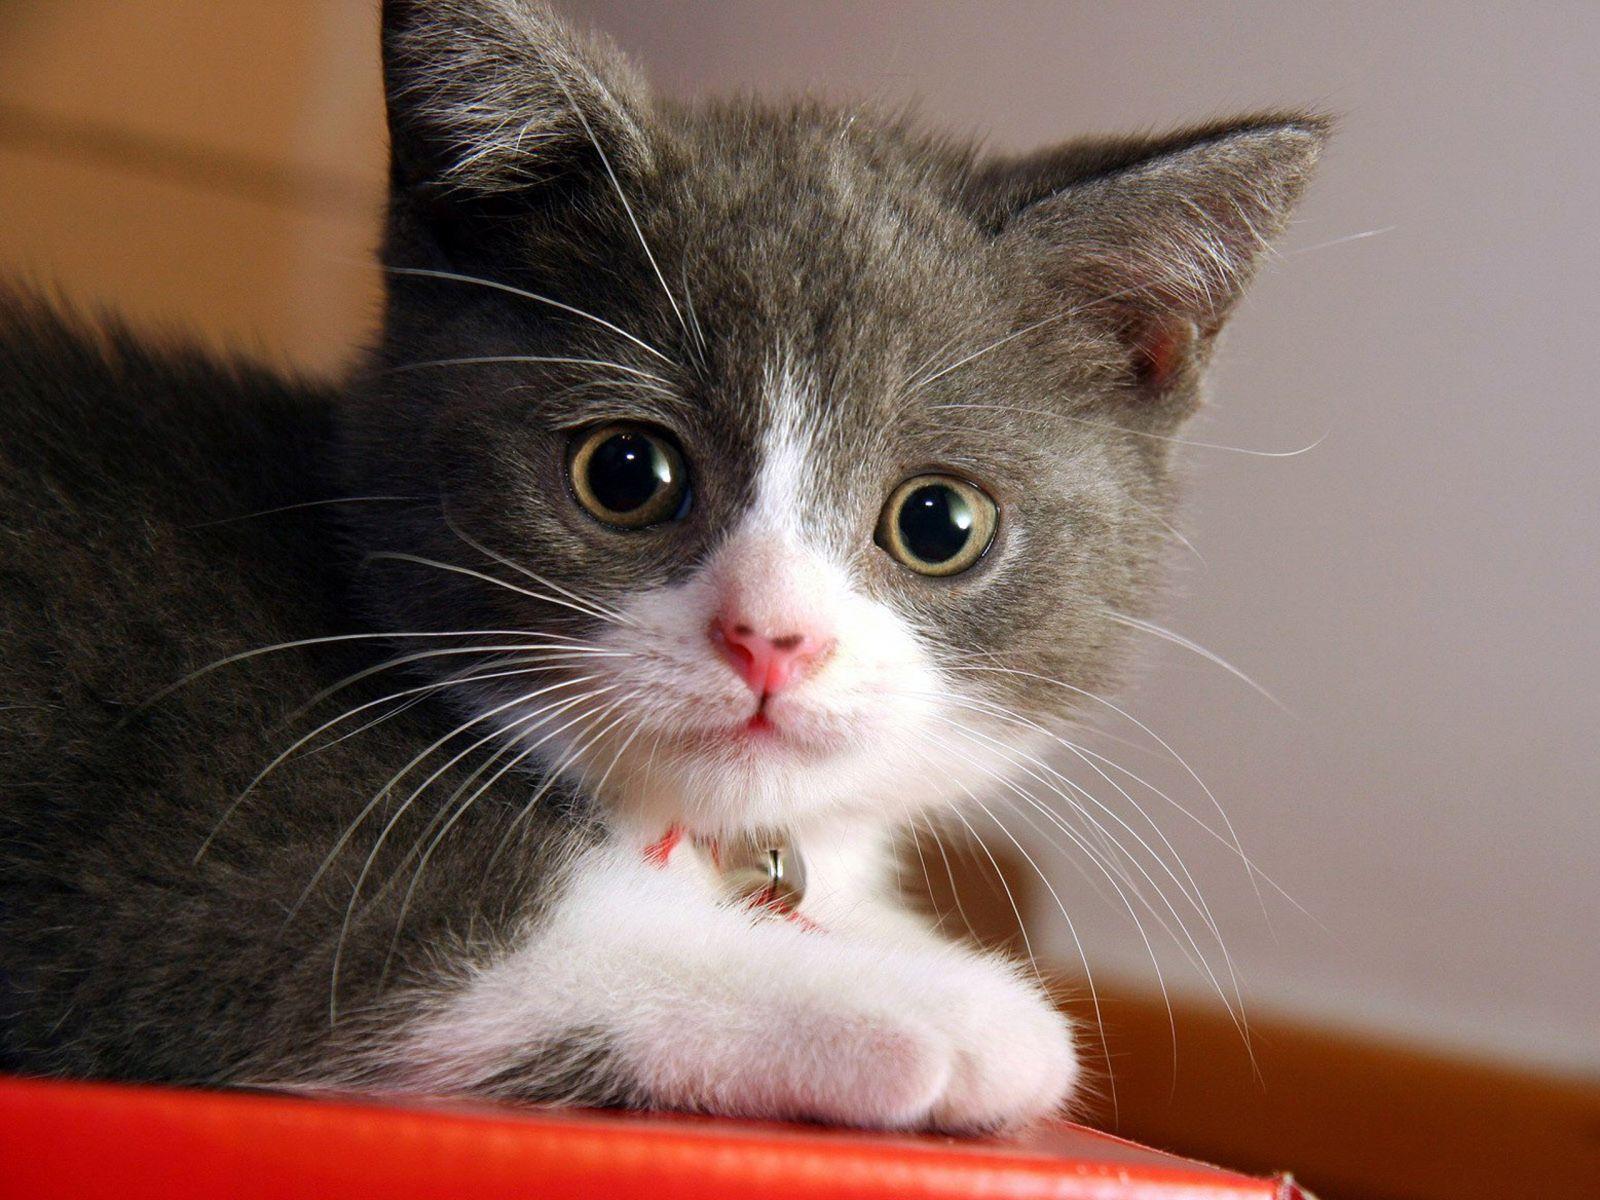 Cute Cats 029 Wallpaper Beauty Cat 1600x1200 Download Hd Wallpaper Wallpapertip